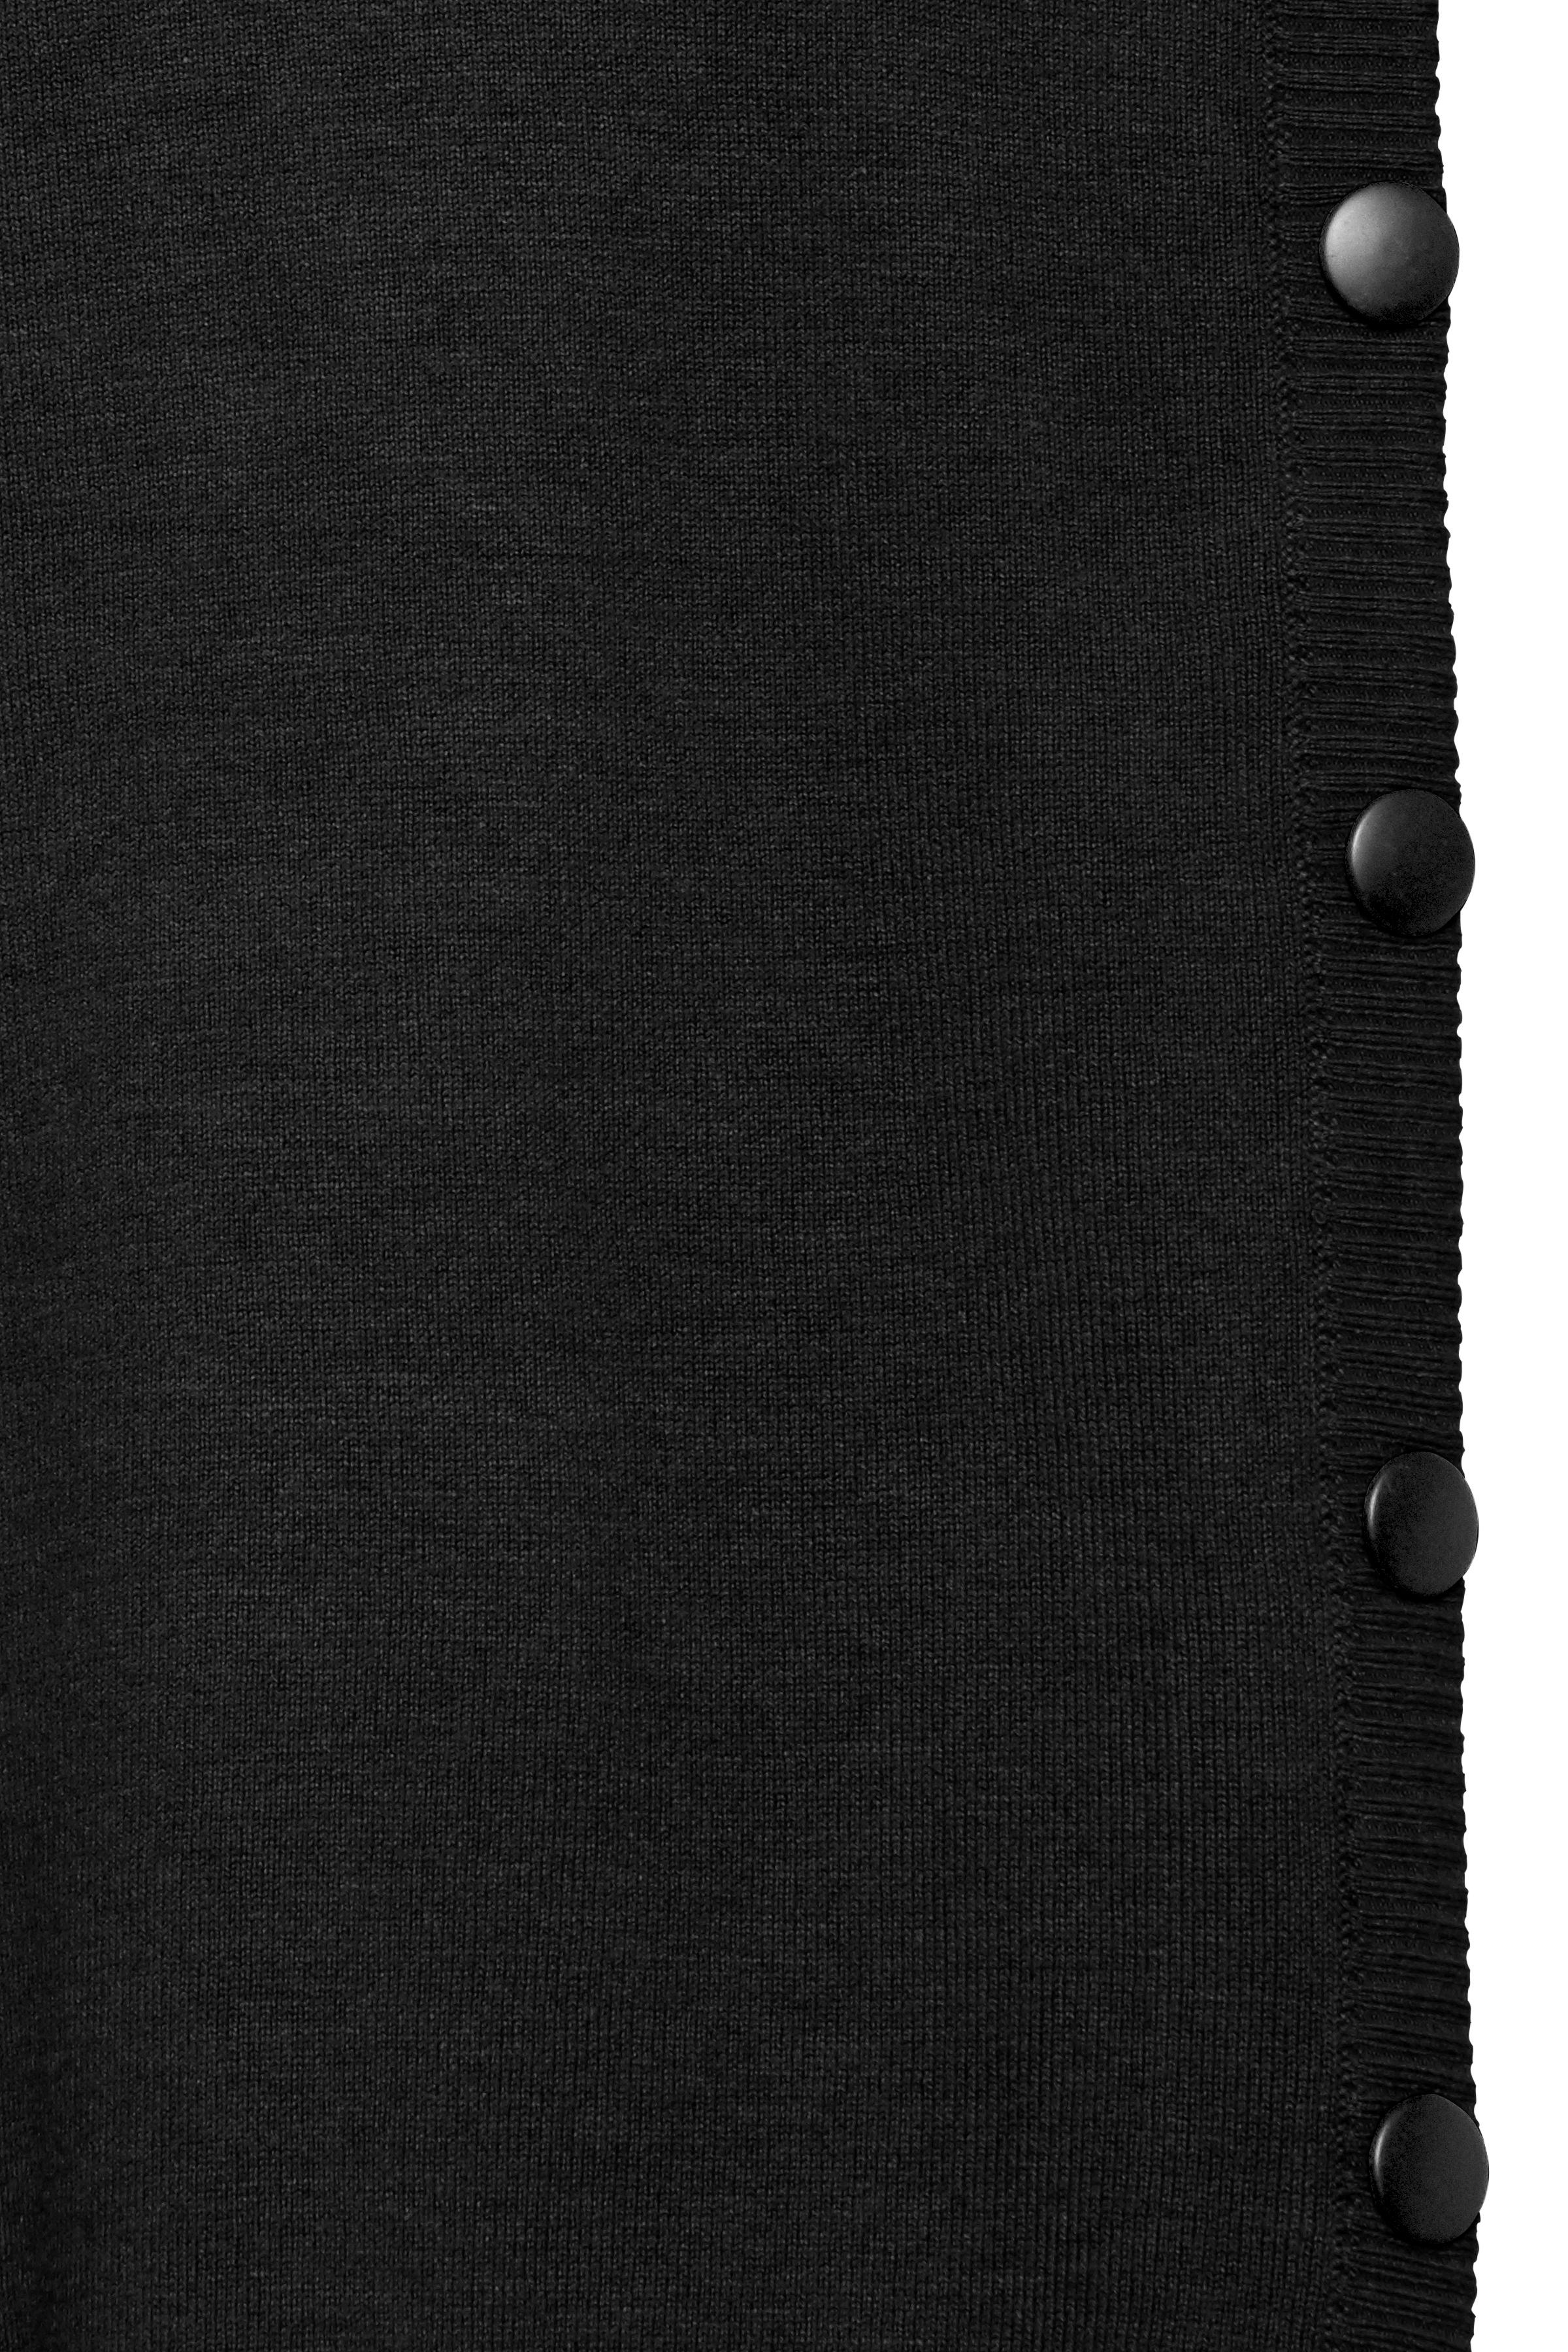 Schwarz Strickpullover von Fransa – Shoppen Sie Schwarz Strickpullover ab Gr. XS-XXL hier